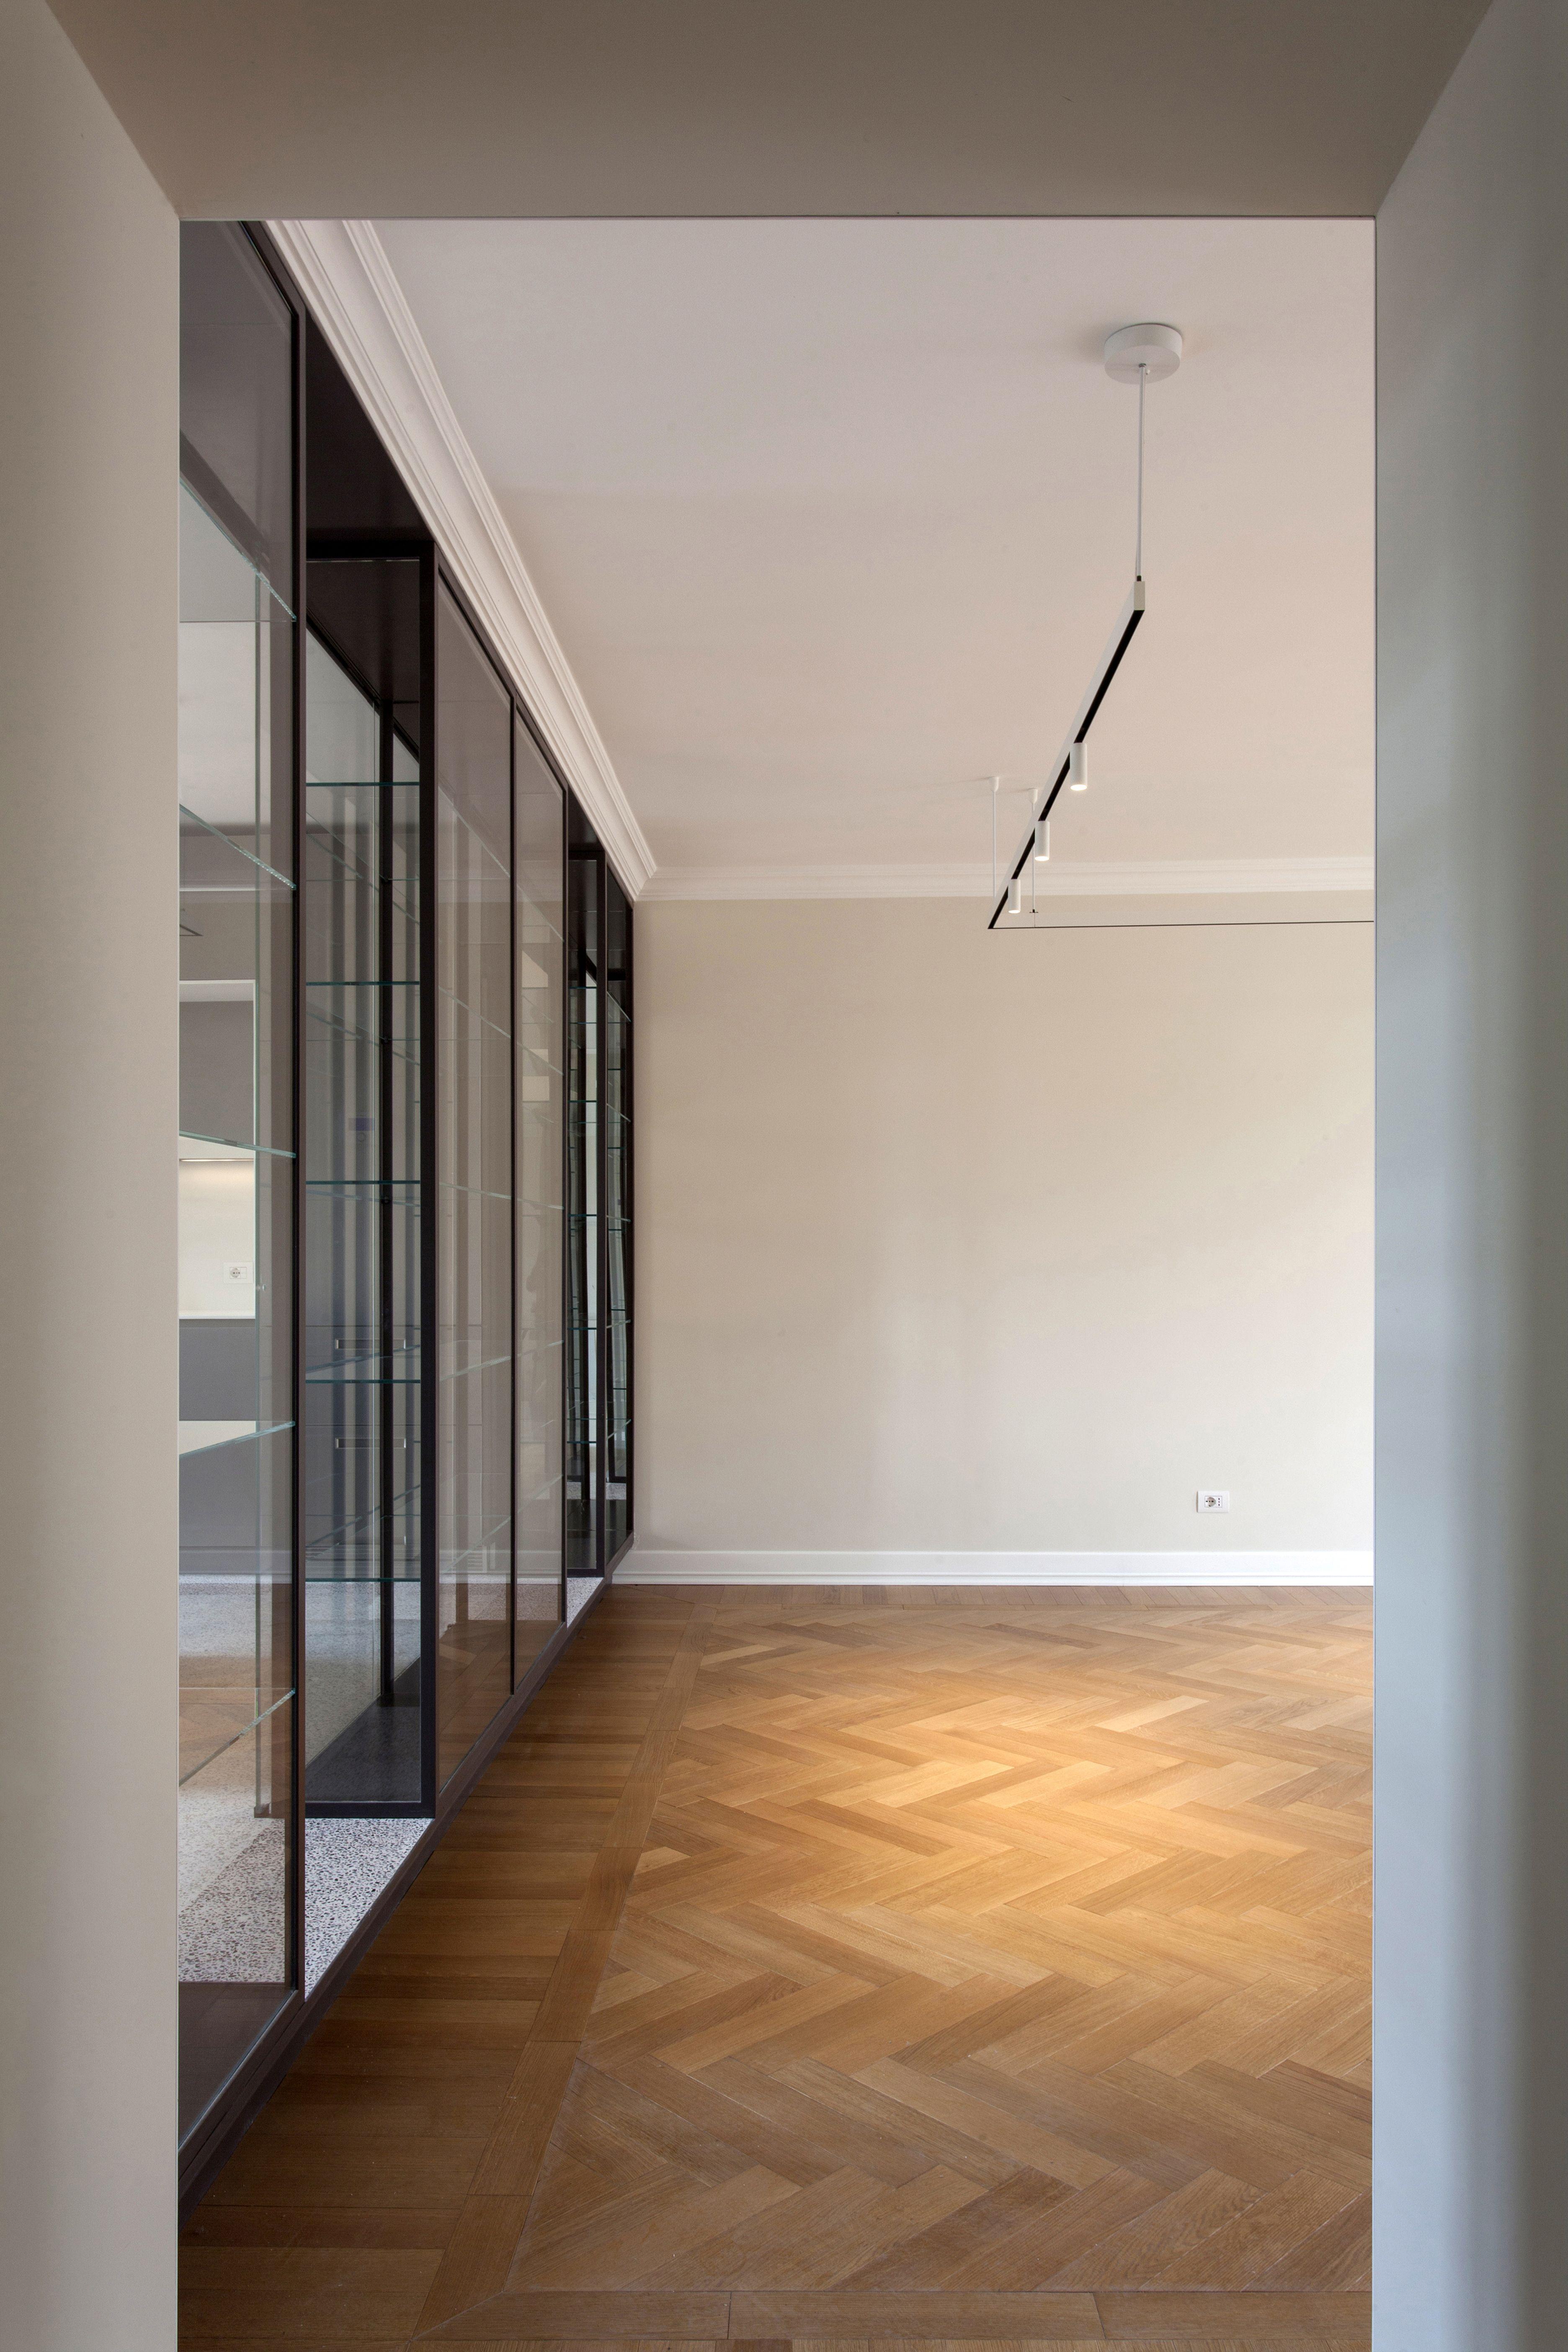 Dettagli parete divisori in vetro , illuminazione con